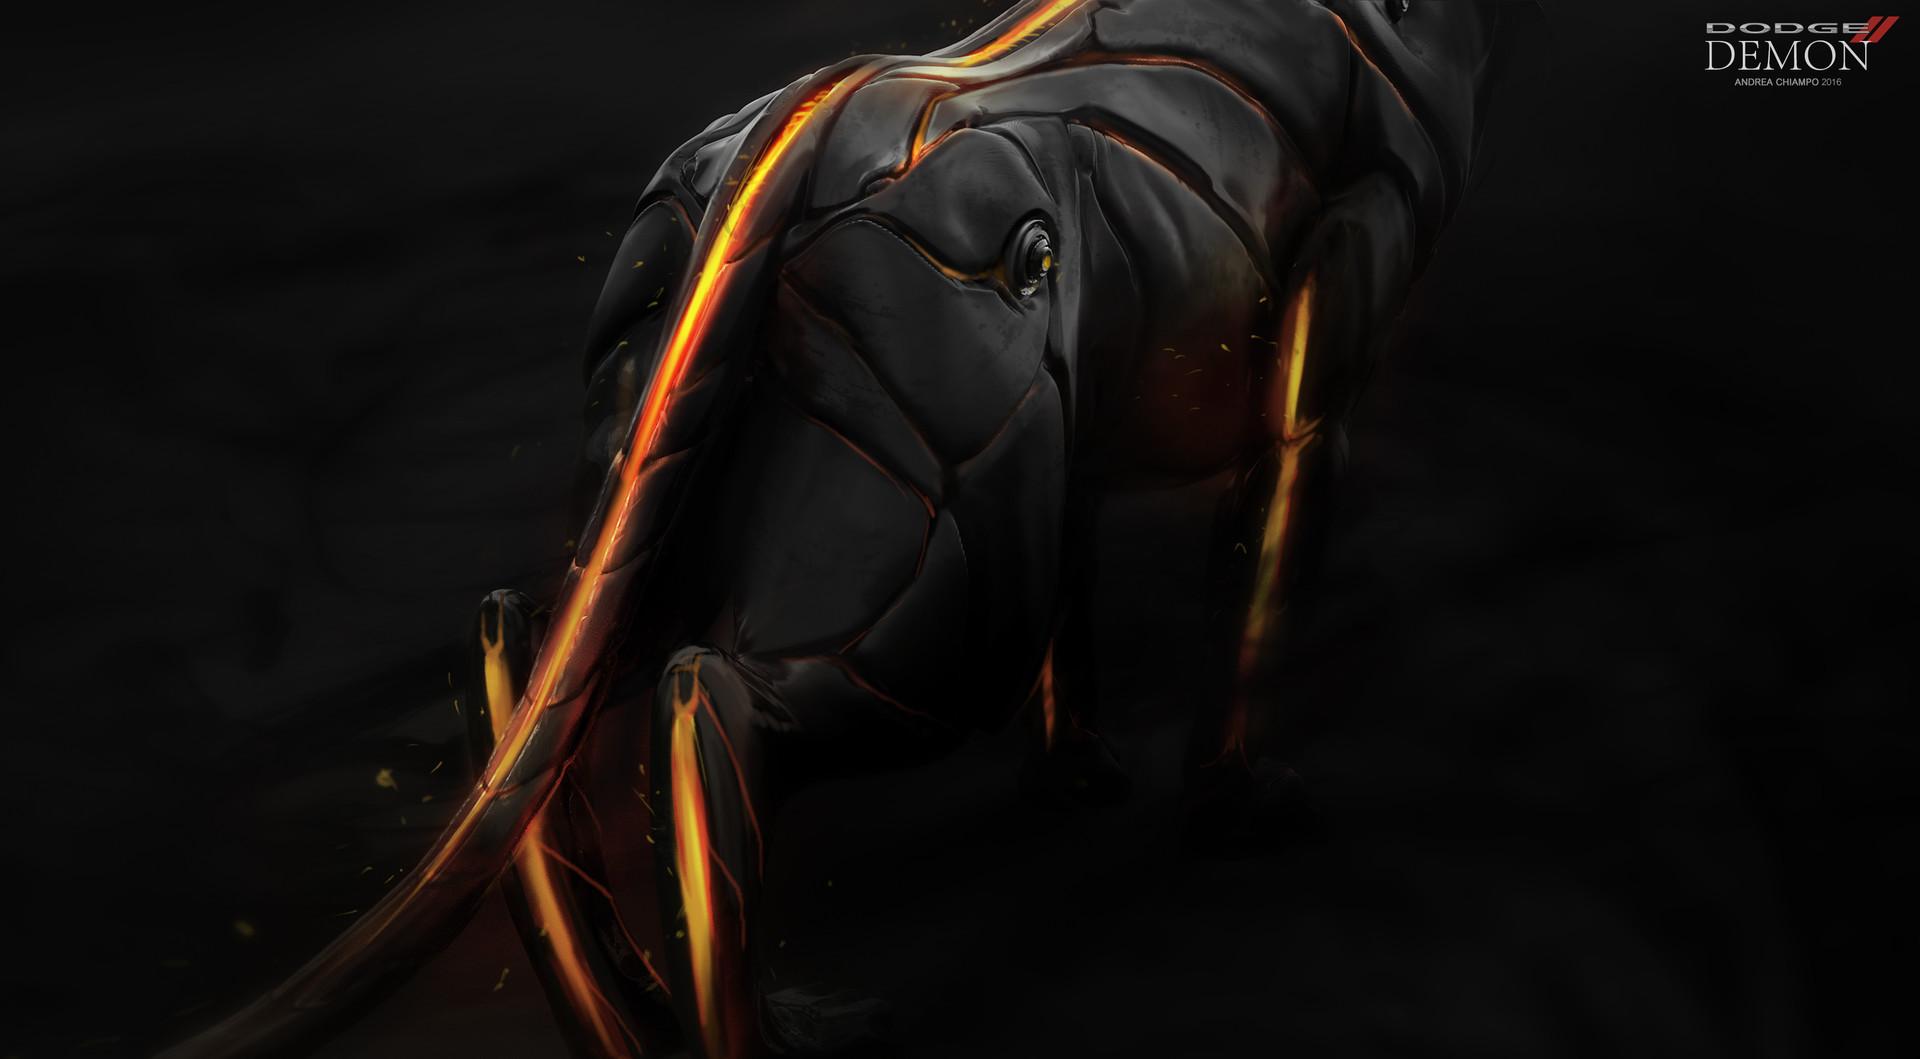 Andrea chiampo concept close up tail a